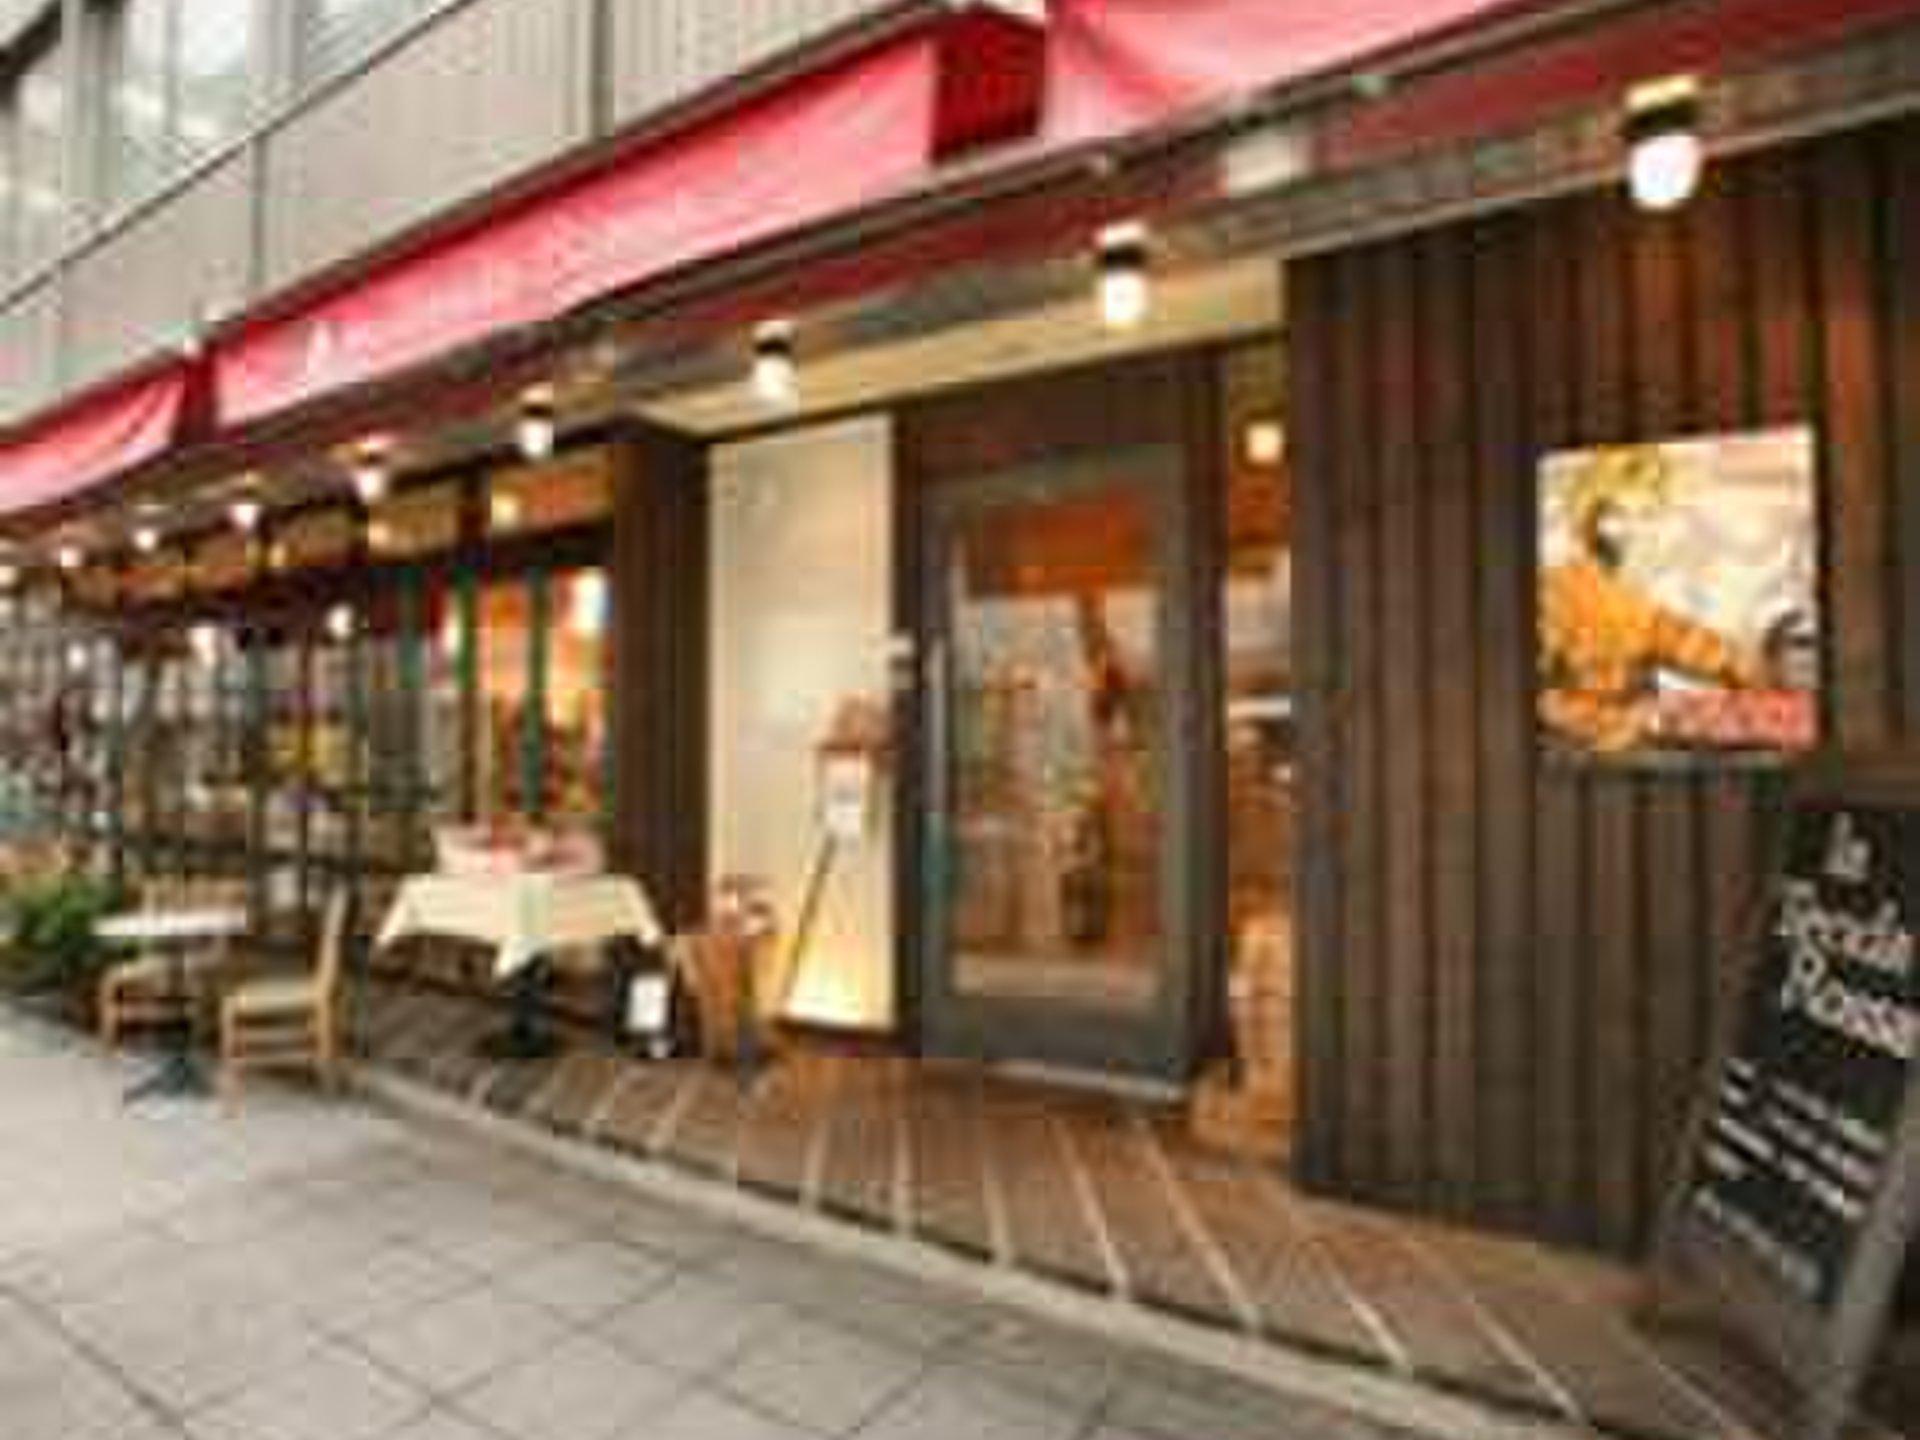 【横浜×デート】今日はちょっと贅沢に...みなとみらいの絶景と絶品イタリアンを楽しむ♡